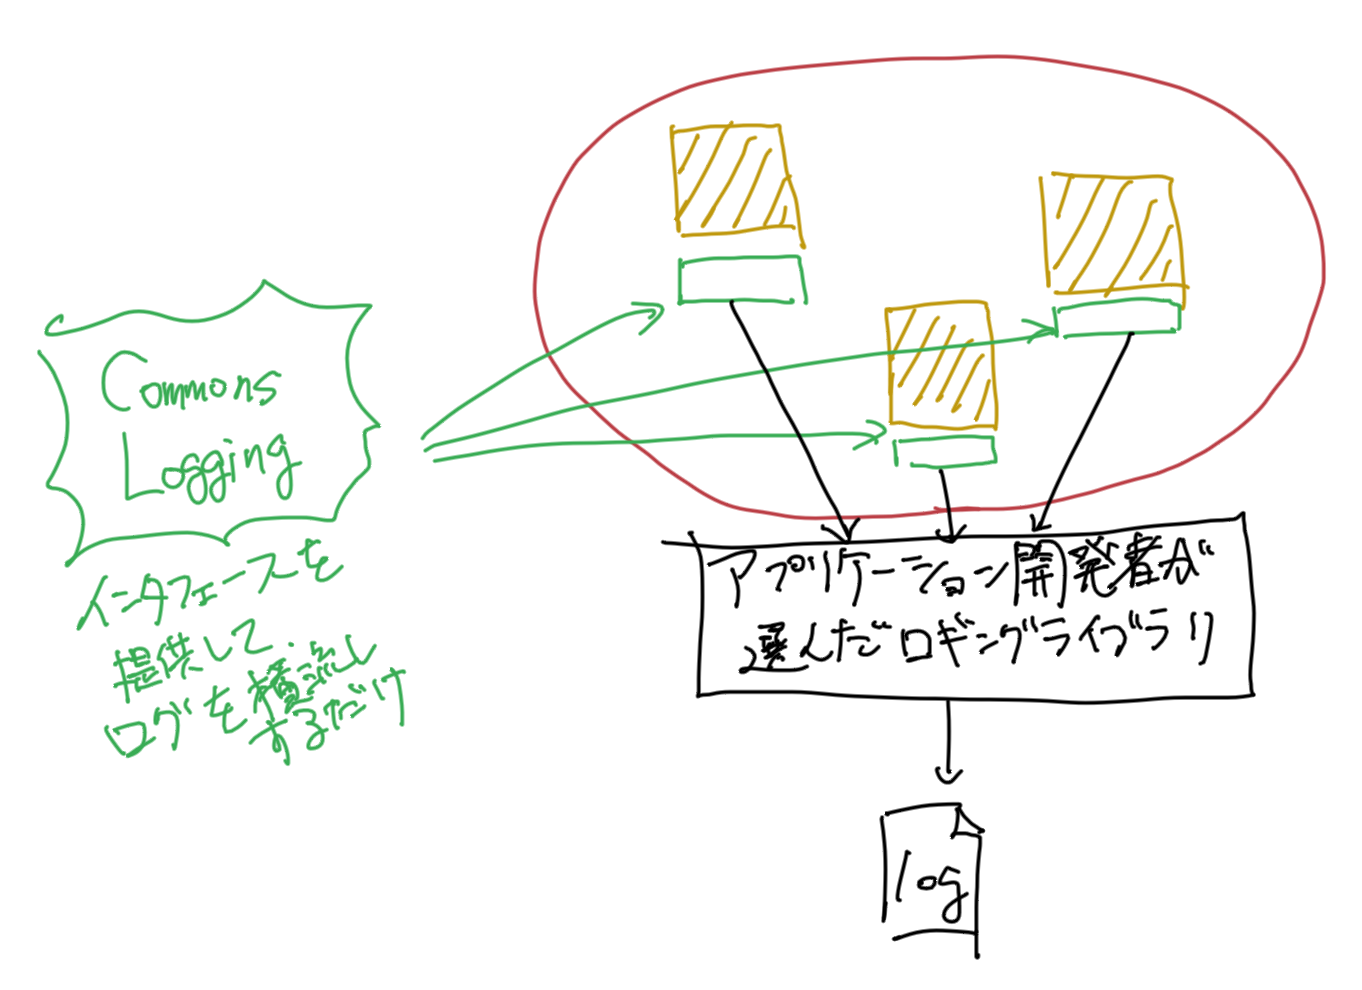 jvm-logging_05.png